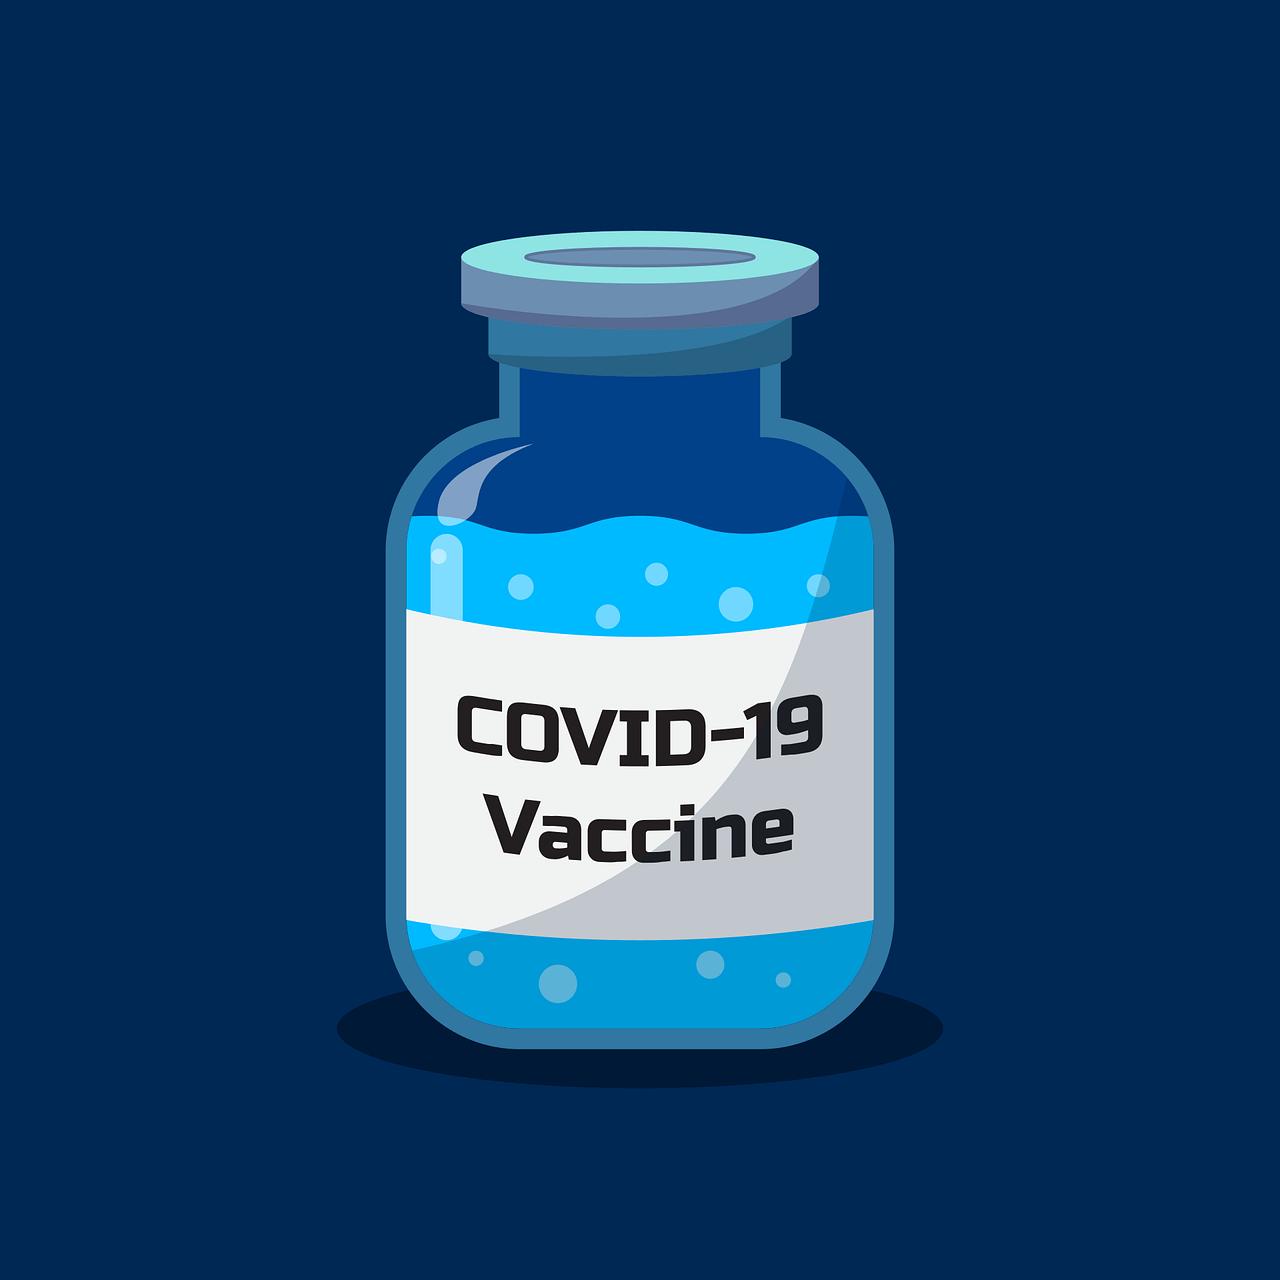 covid-19, vaccine, corona